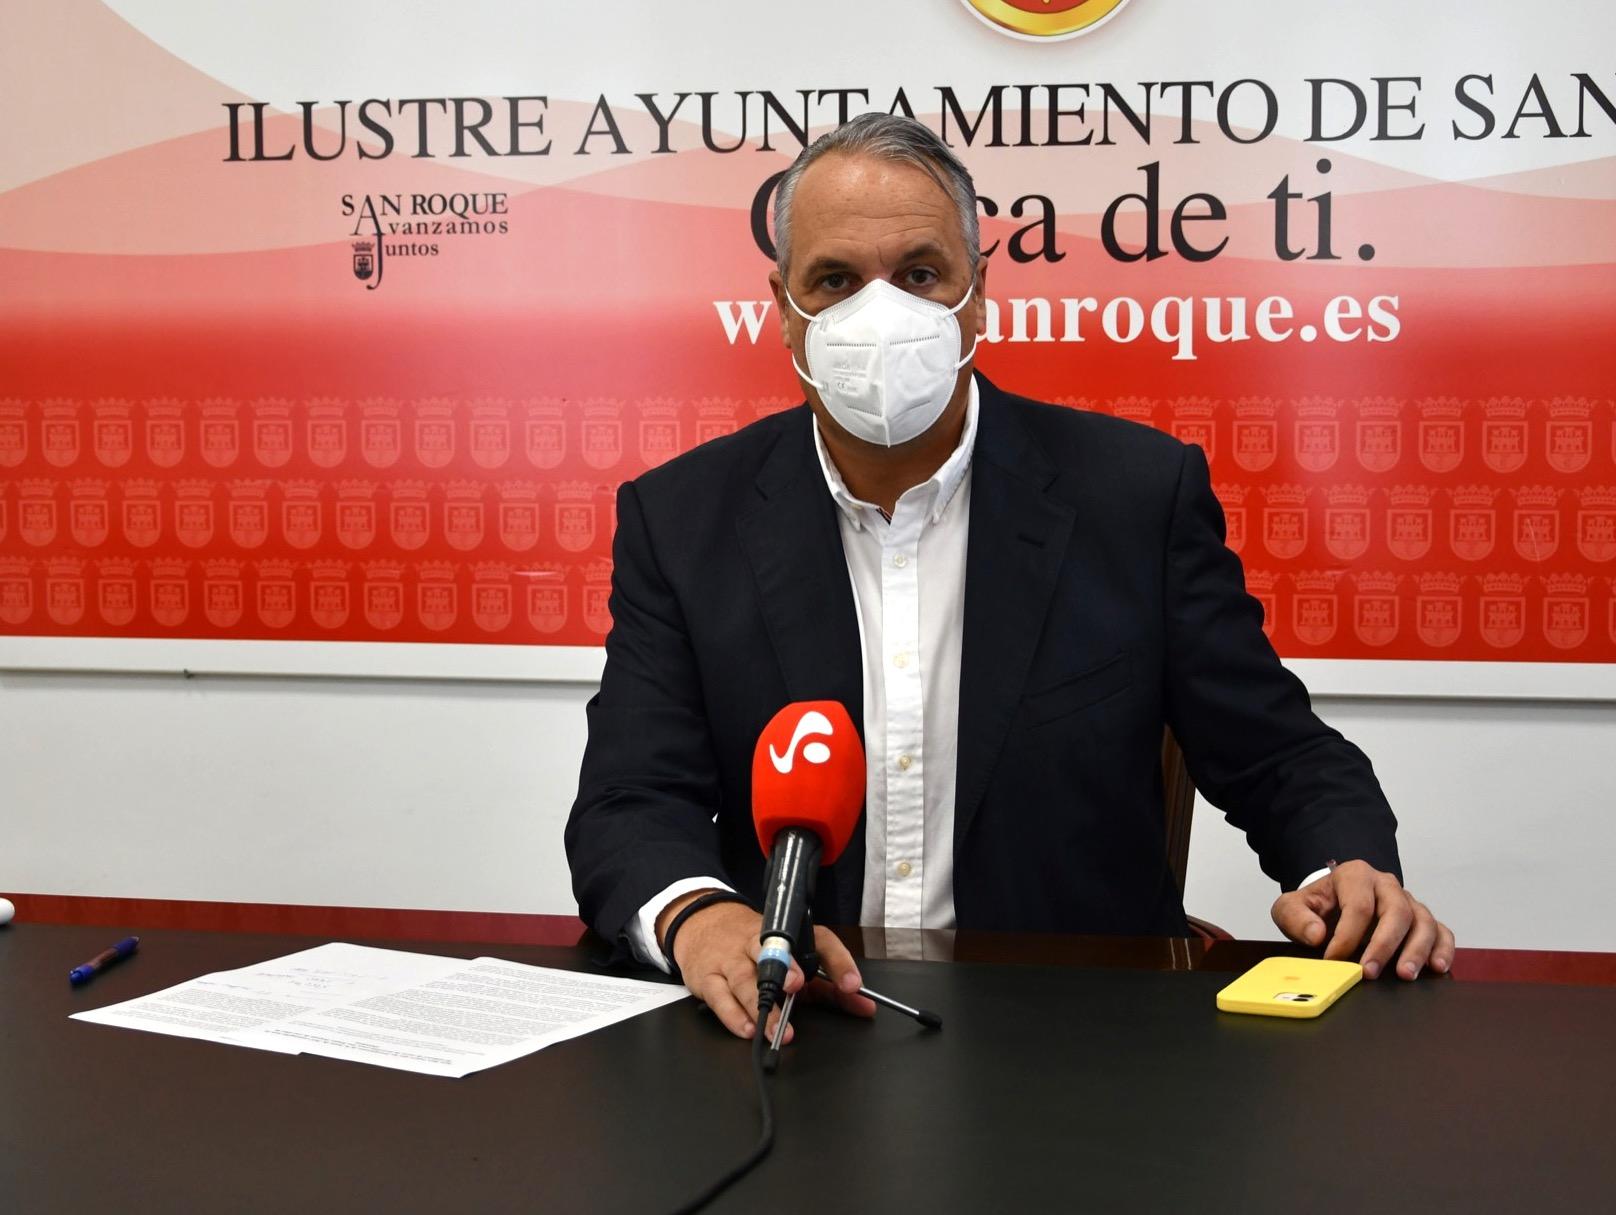 RUIZ BOIX EXIGE A LA JUNTA QUE INCLUYA AL MENOS 80 MILLONES PARA INVERSIONES EN SAN ROQUE  EN SUS PRESUPUESTOS